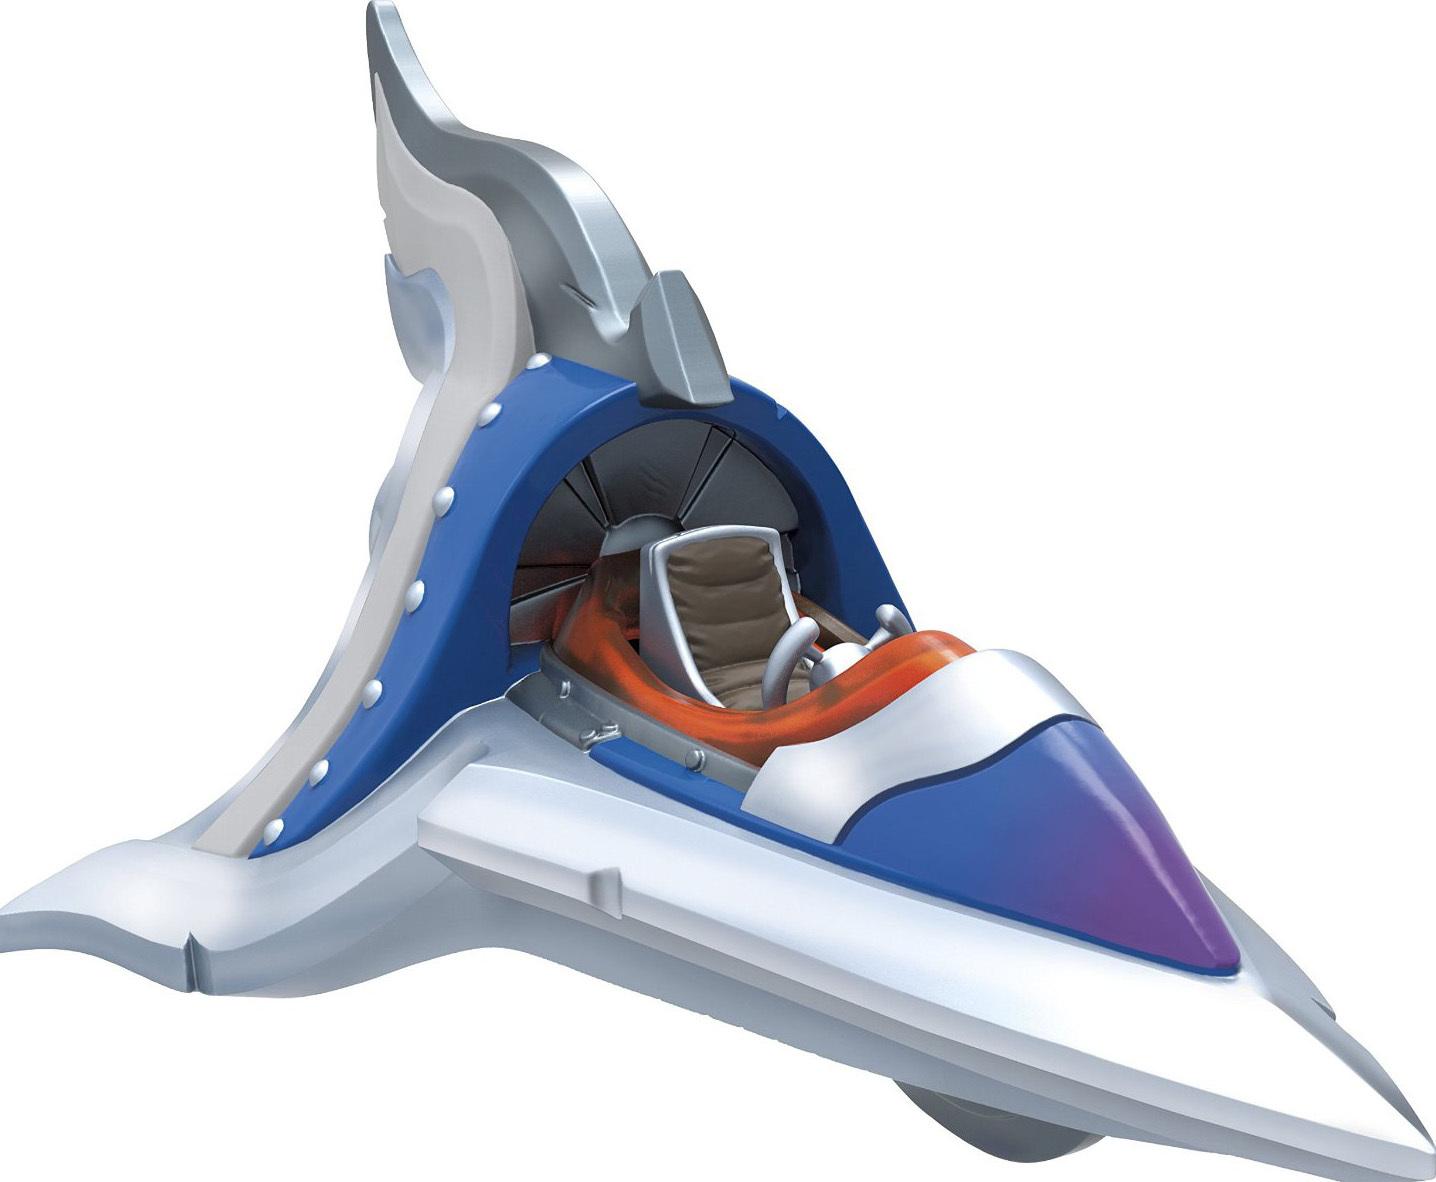 Sky Slicer - Vehicle